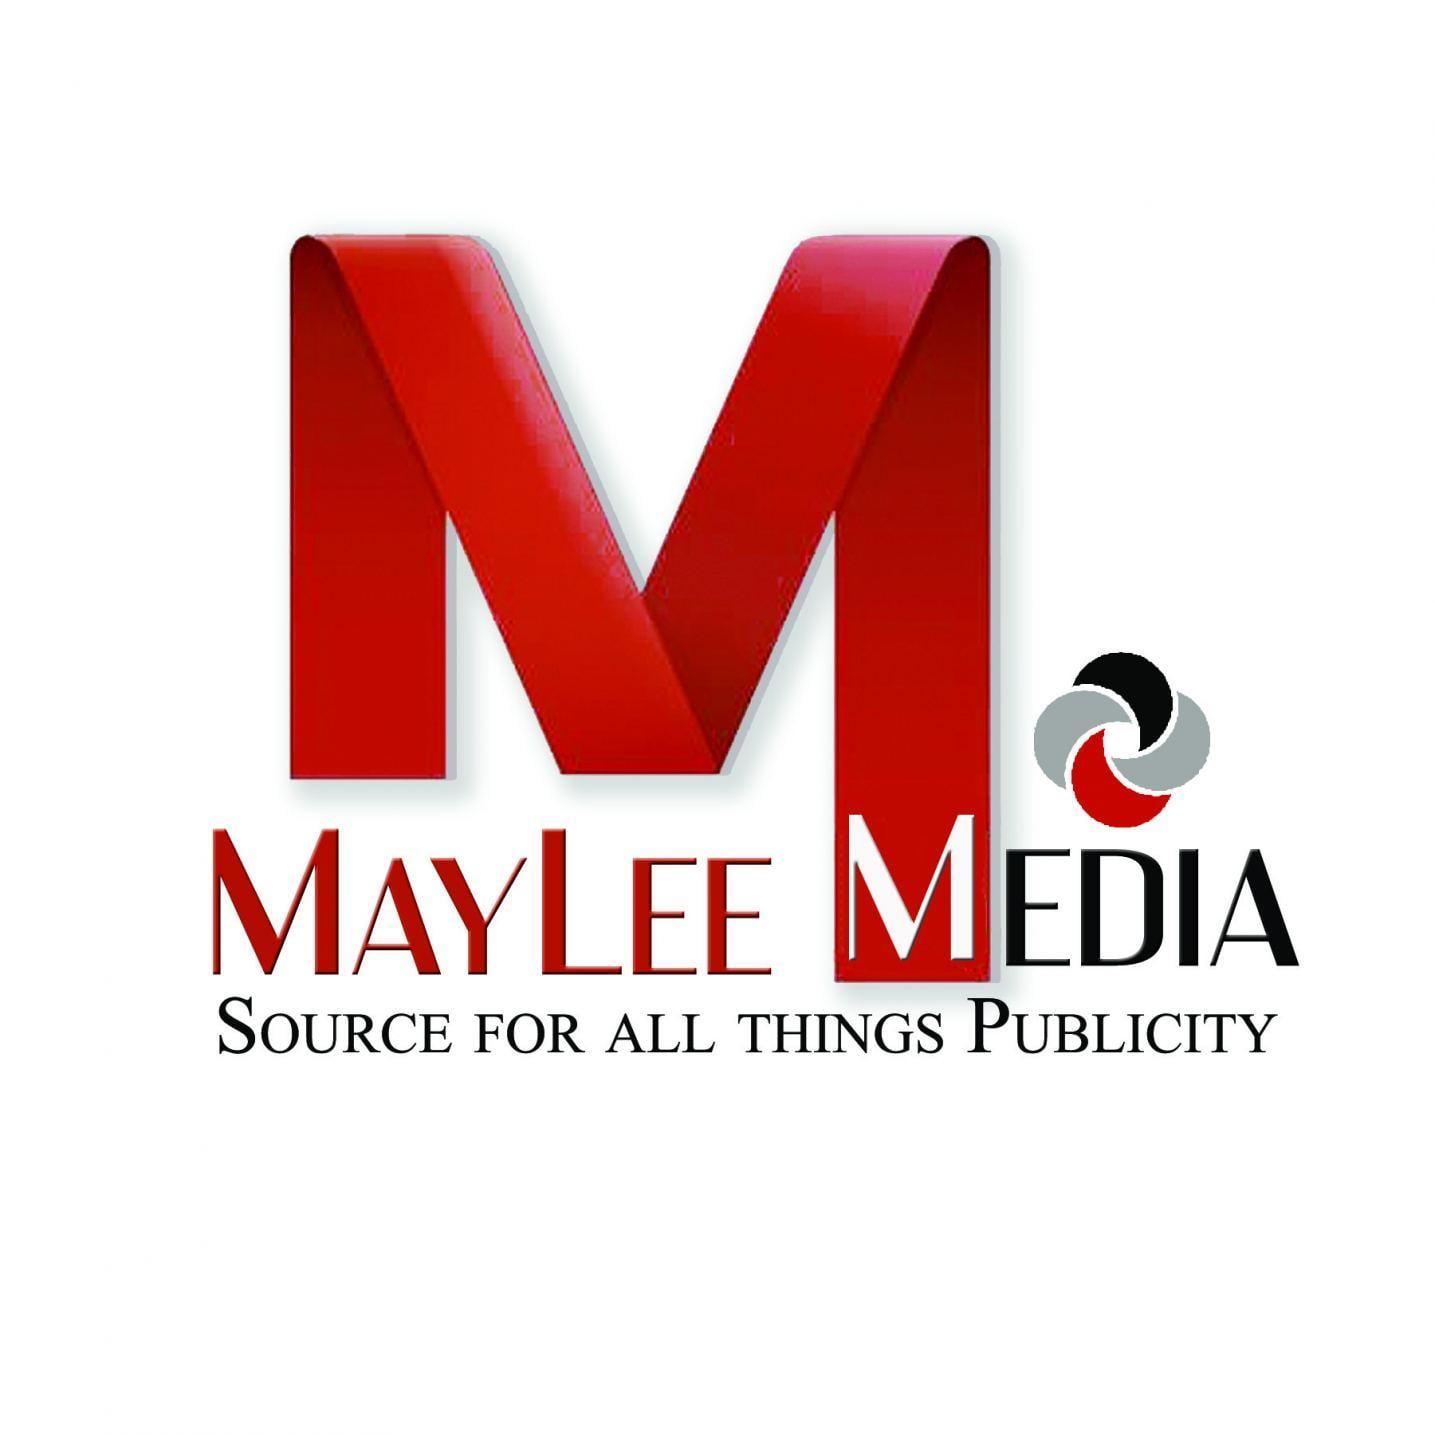 MayLee Media